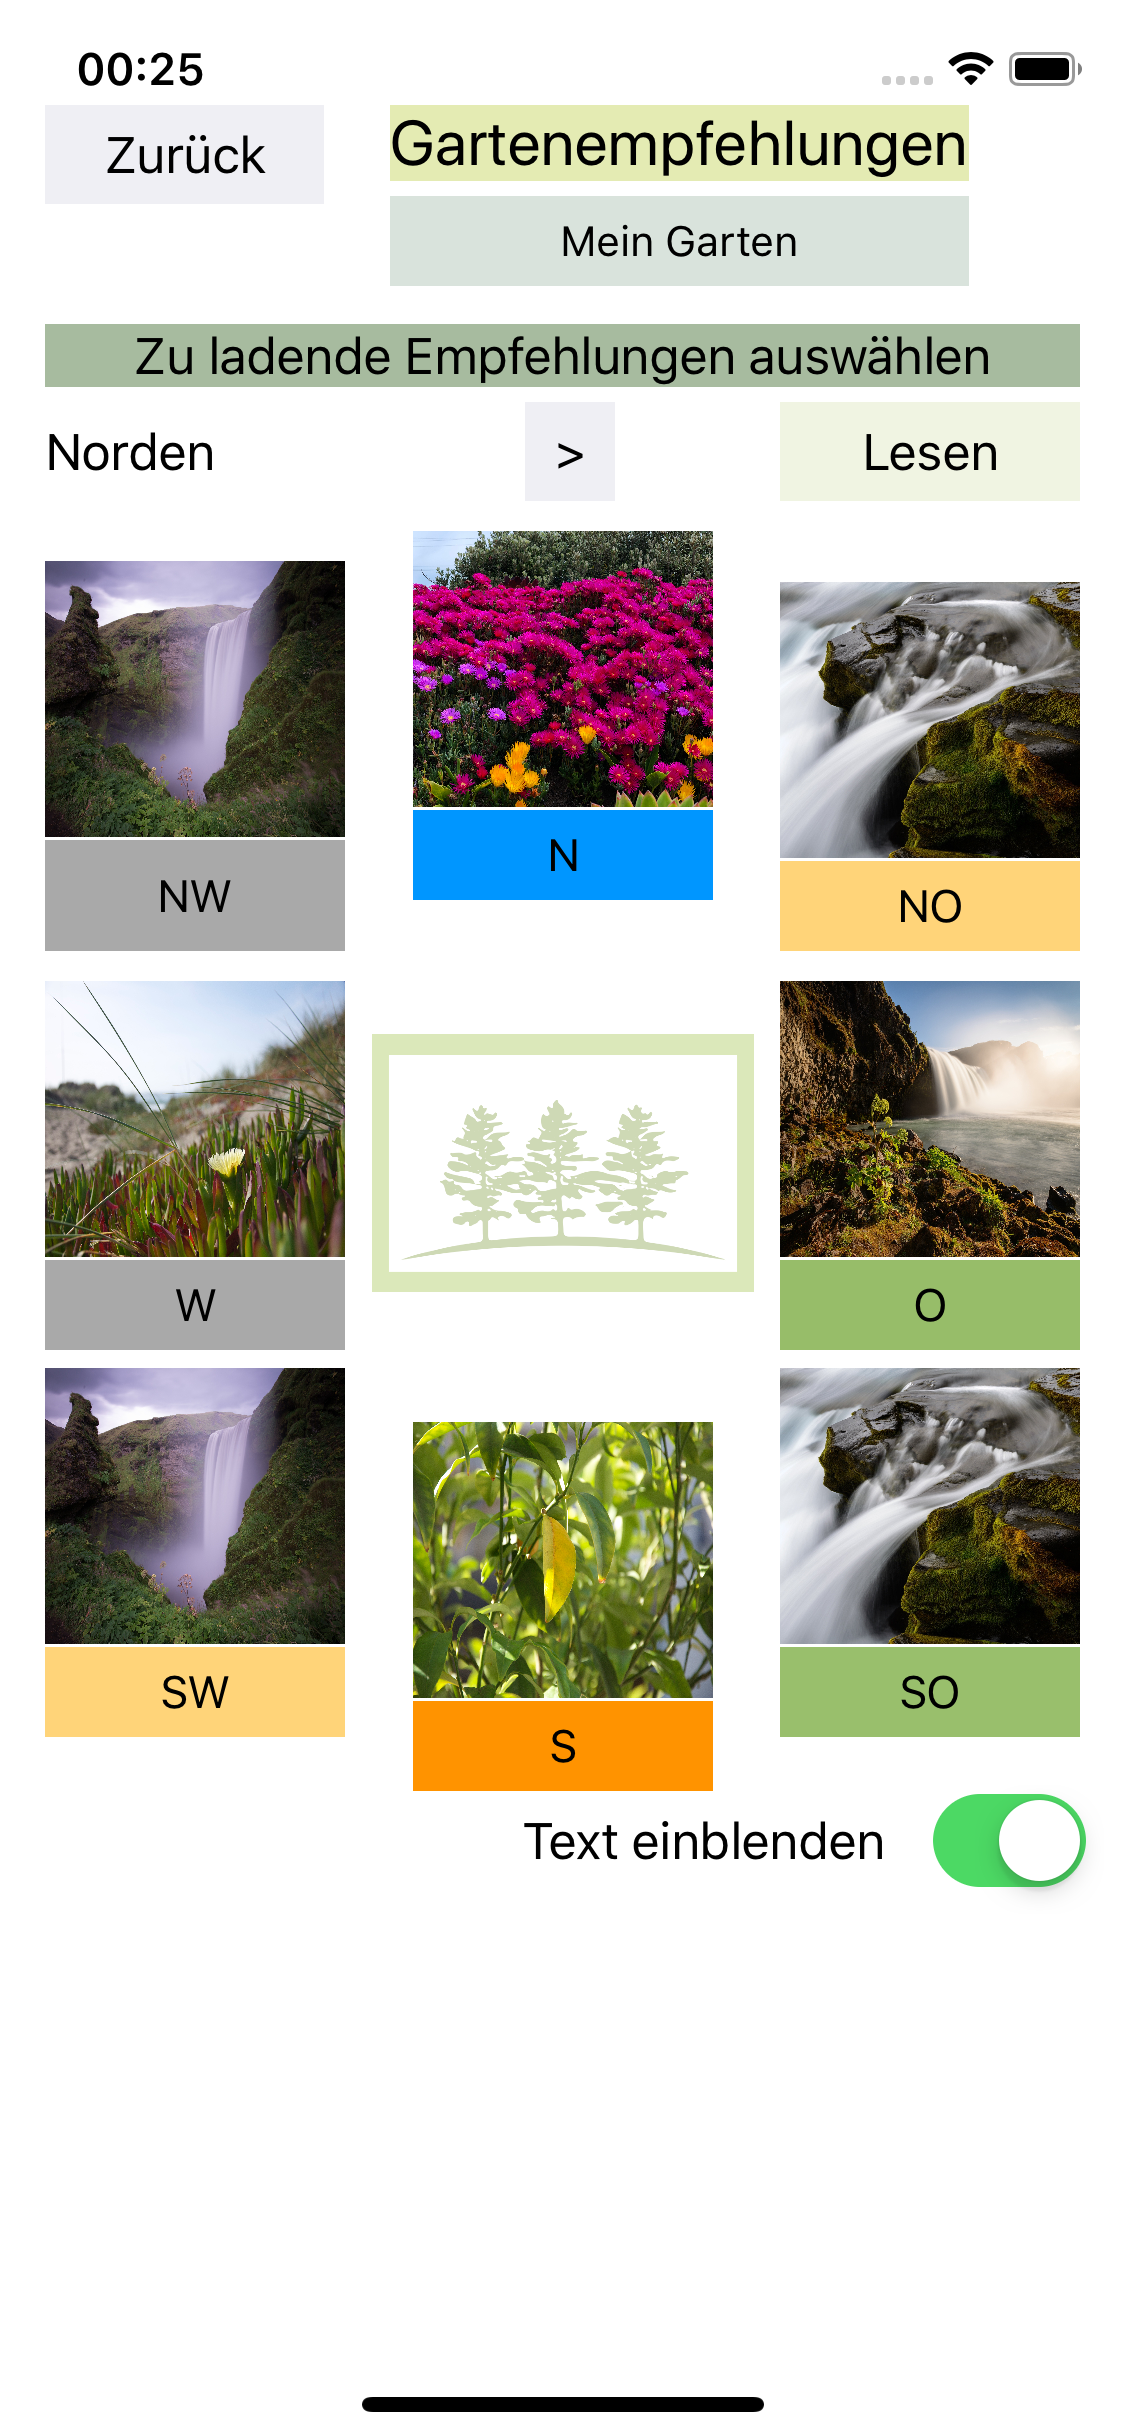 Gartenempfehlungen